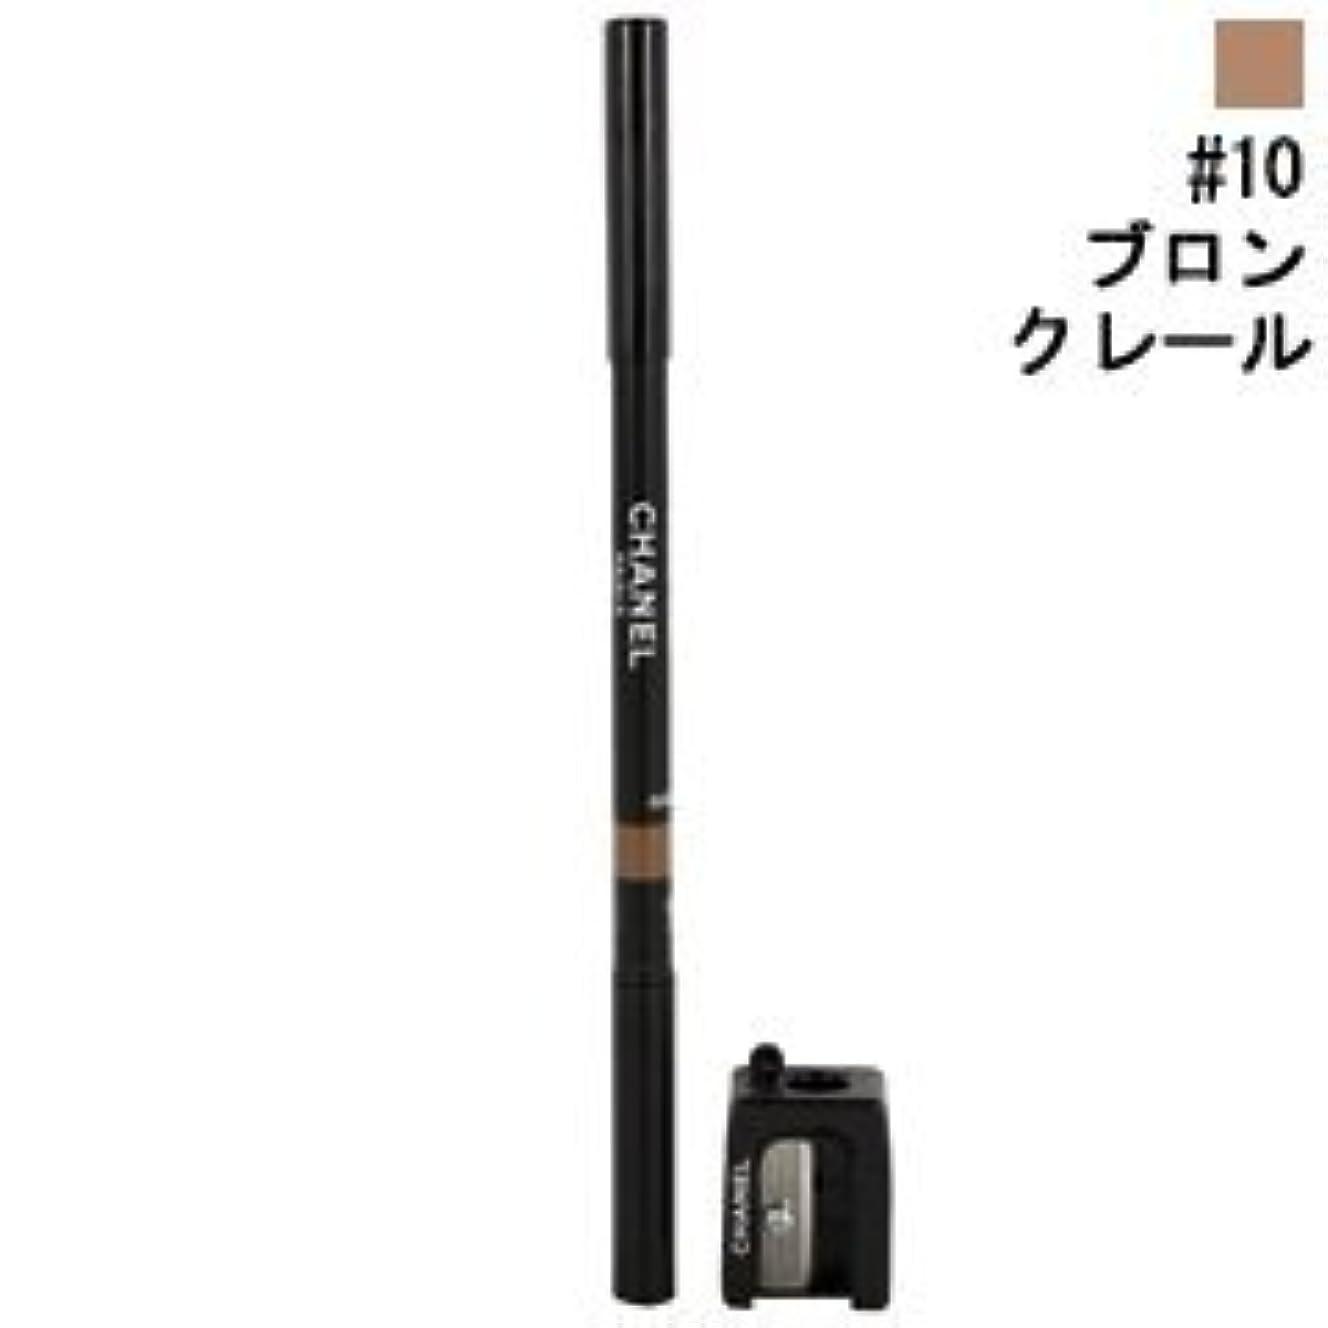 説得津波七面鳥【シャネル】クレイヨン スルスィル #10 ブロン クレール 1g (並行輸入品)